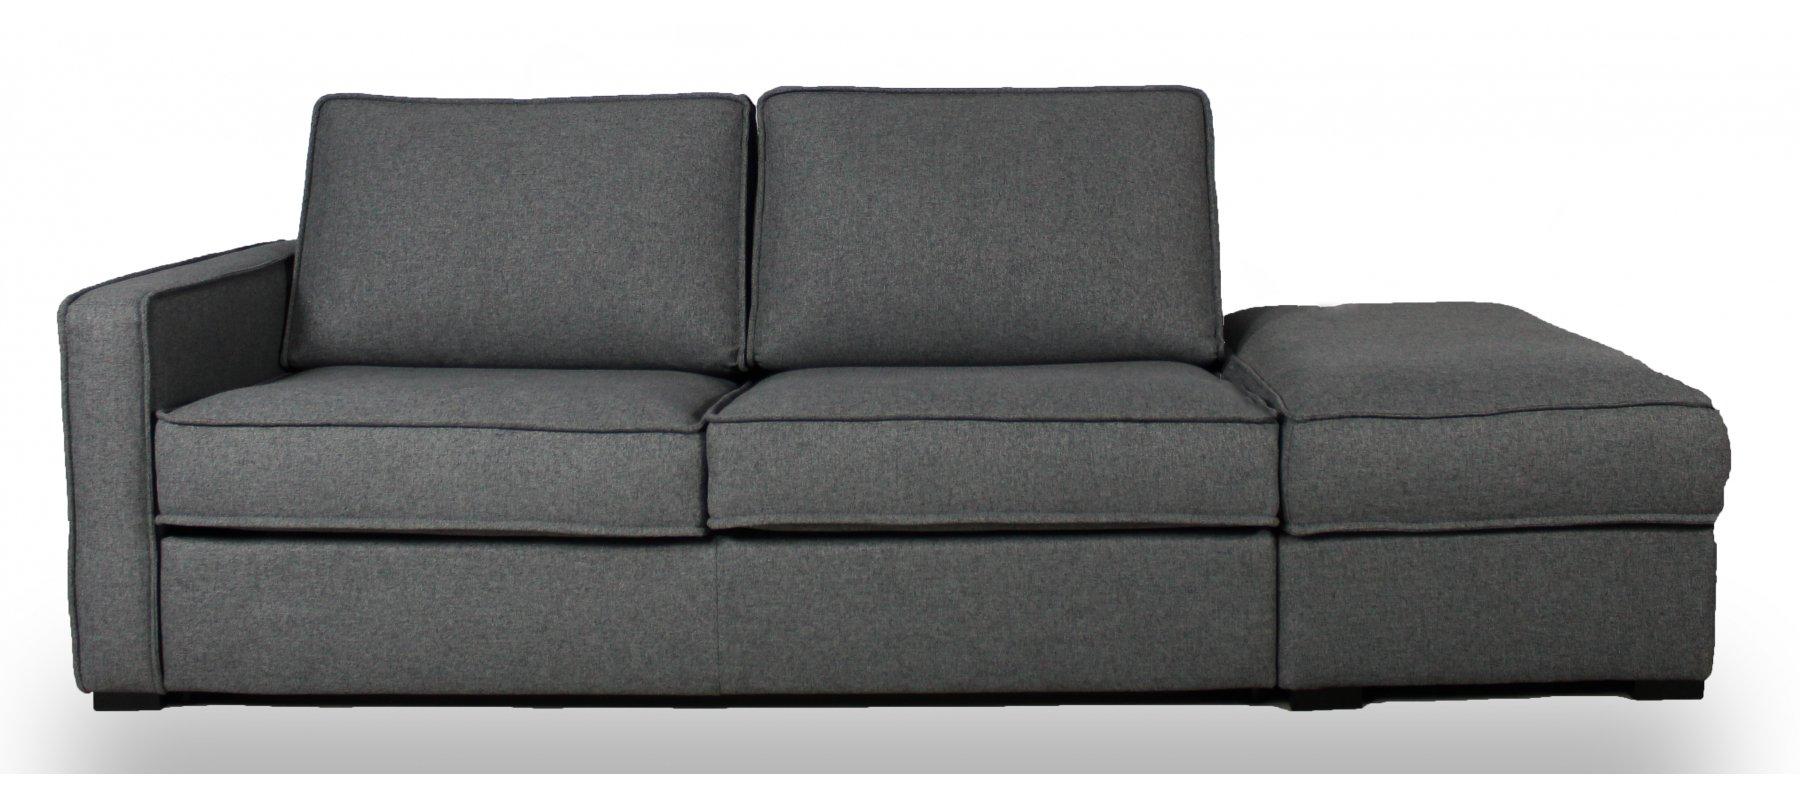 EGO - Largeur 254 cm - Canapé convertible + pouf - Couchage 140 cm